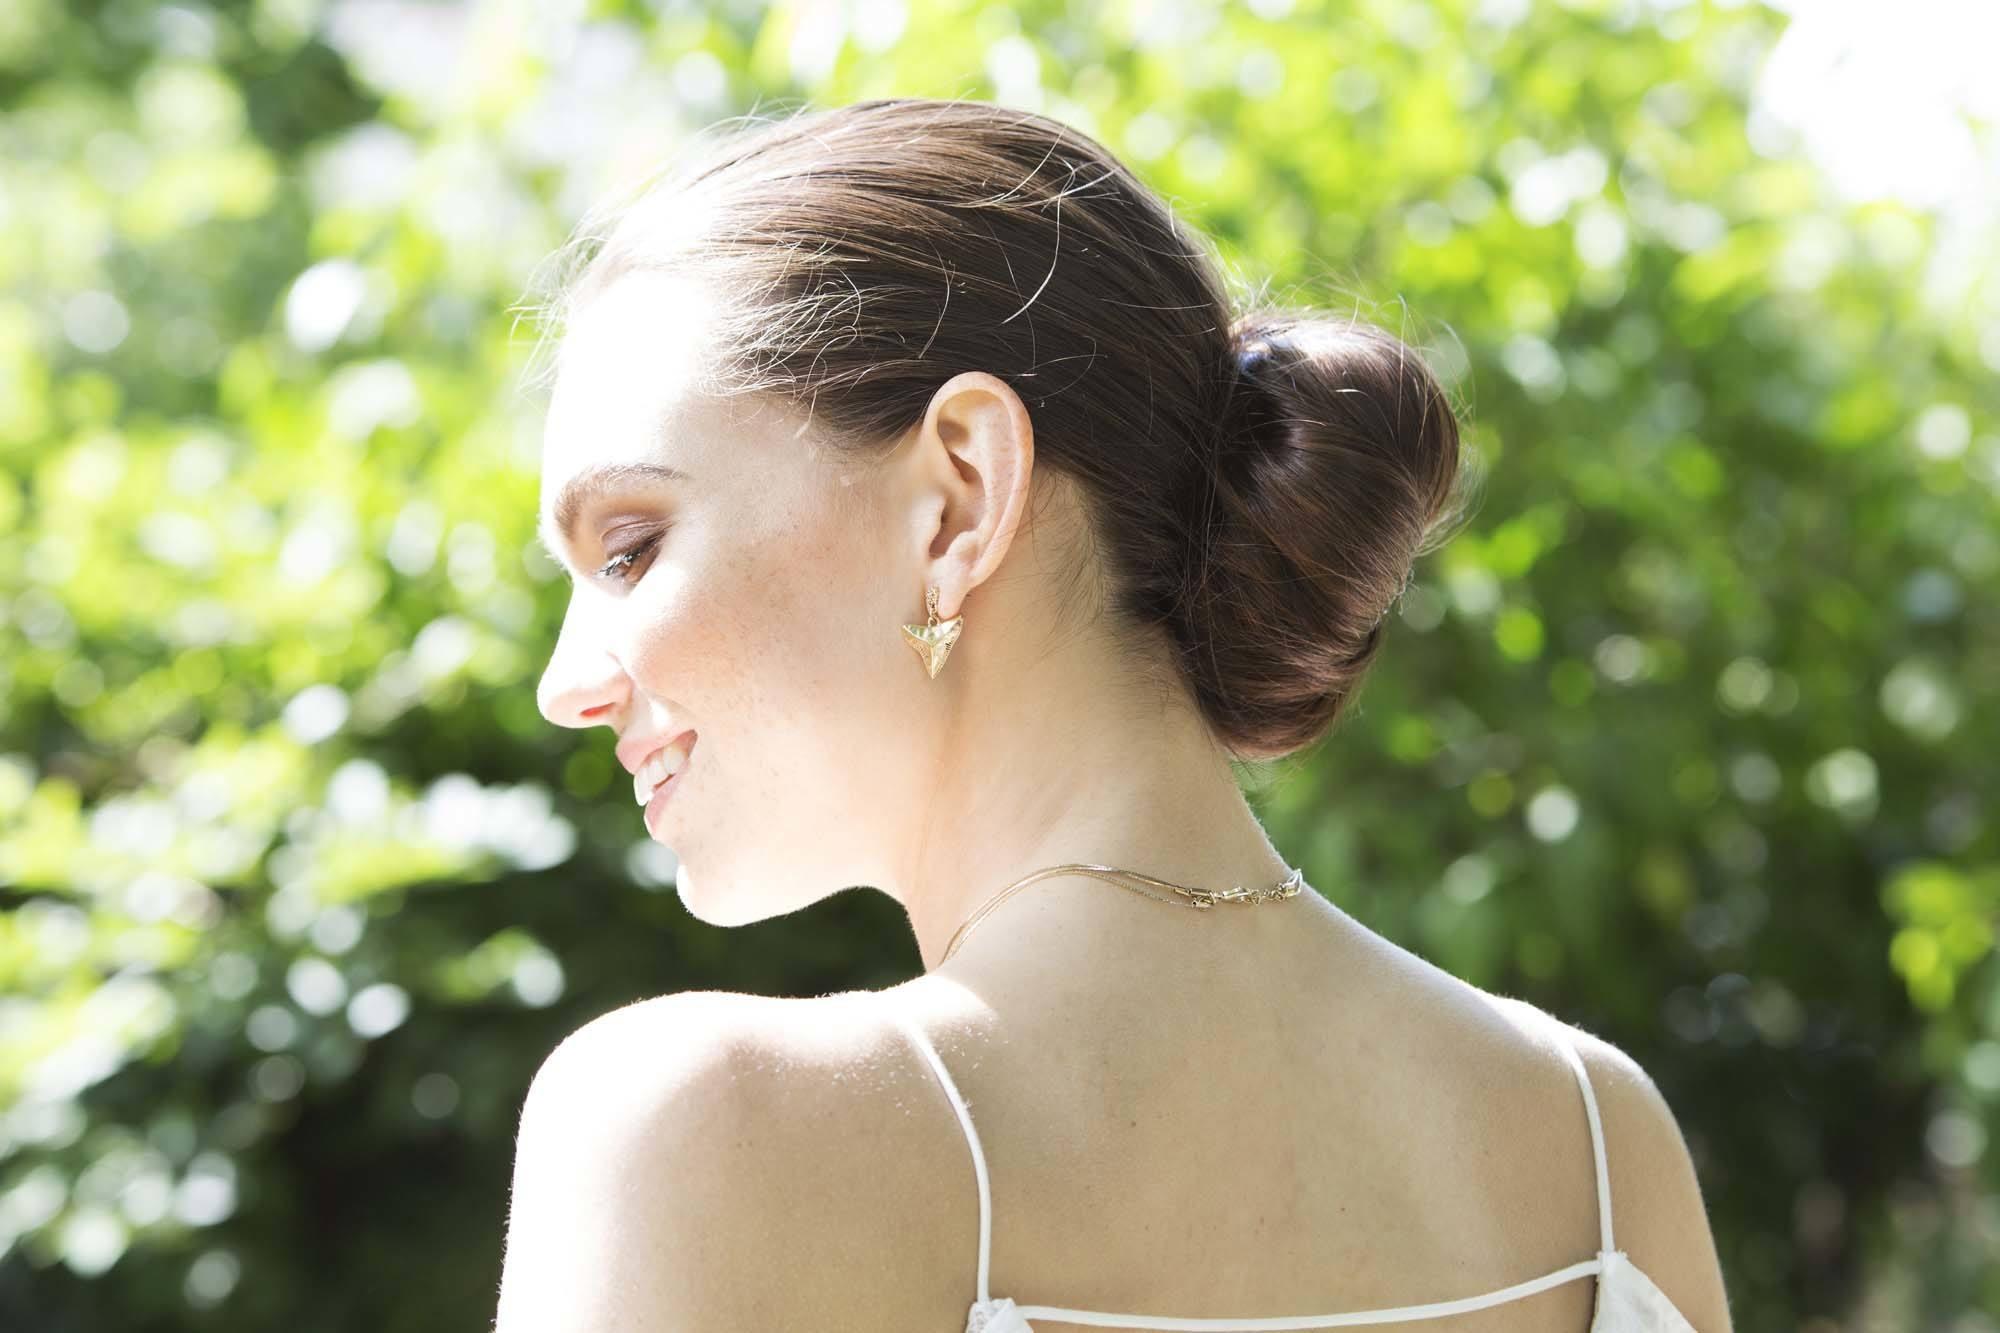 Mulher com cabelos castanho-claro e coque baixo